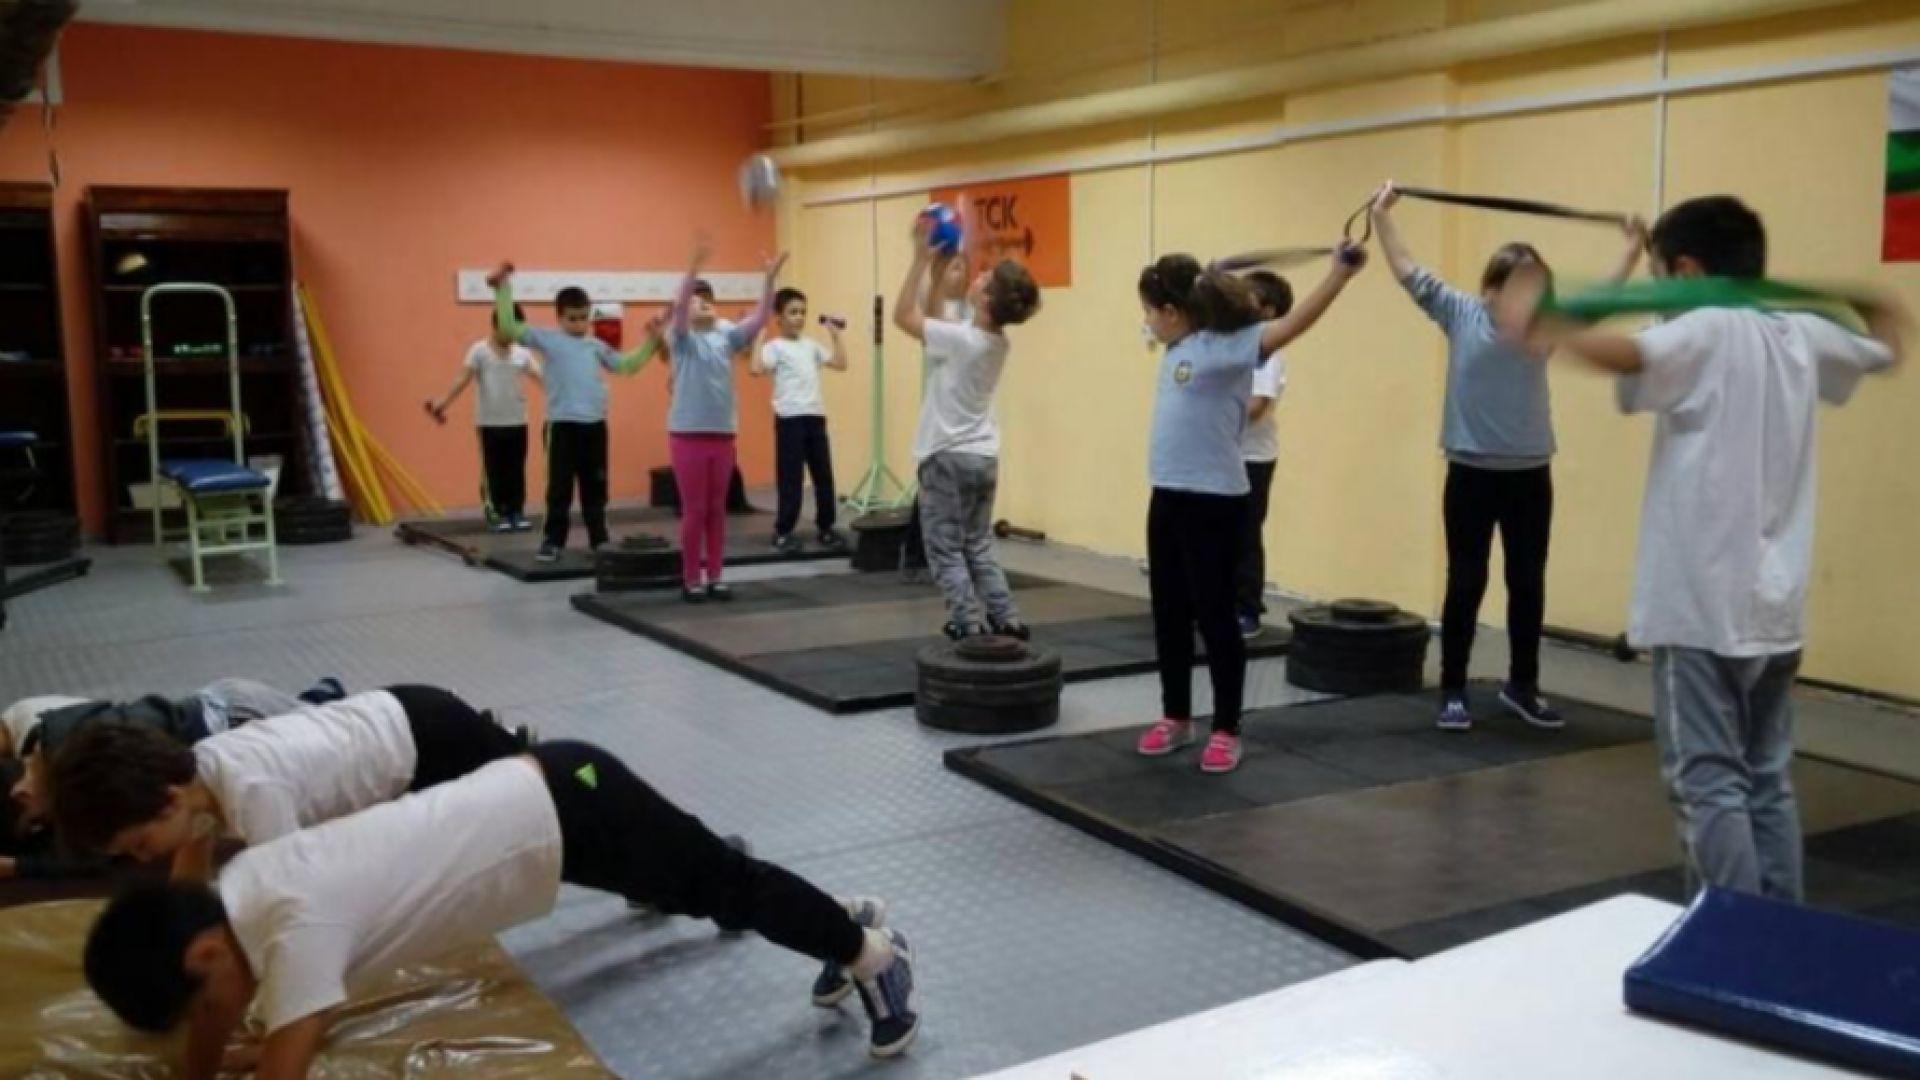 30 деца в риск получиха нова възможност чрез спорт